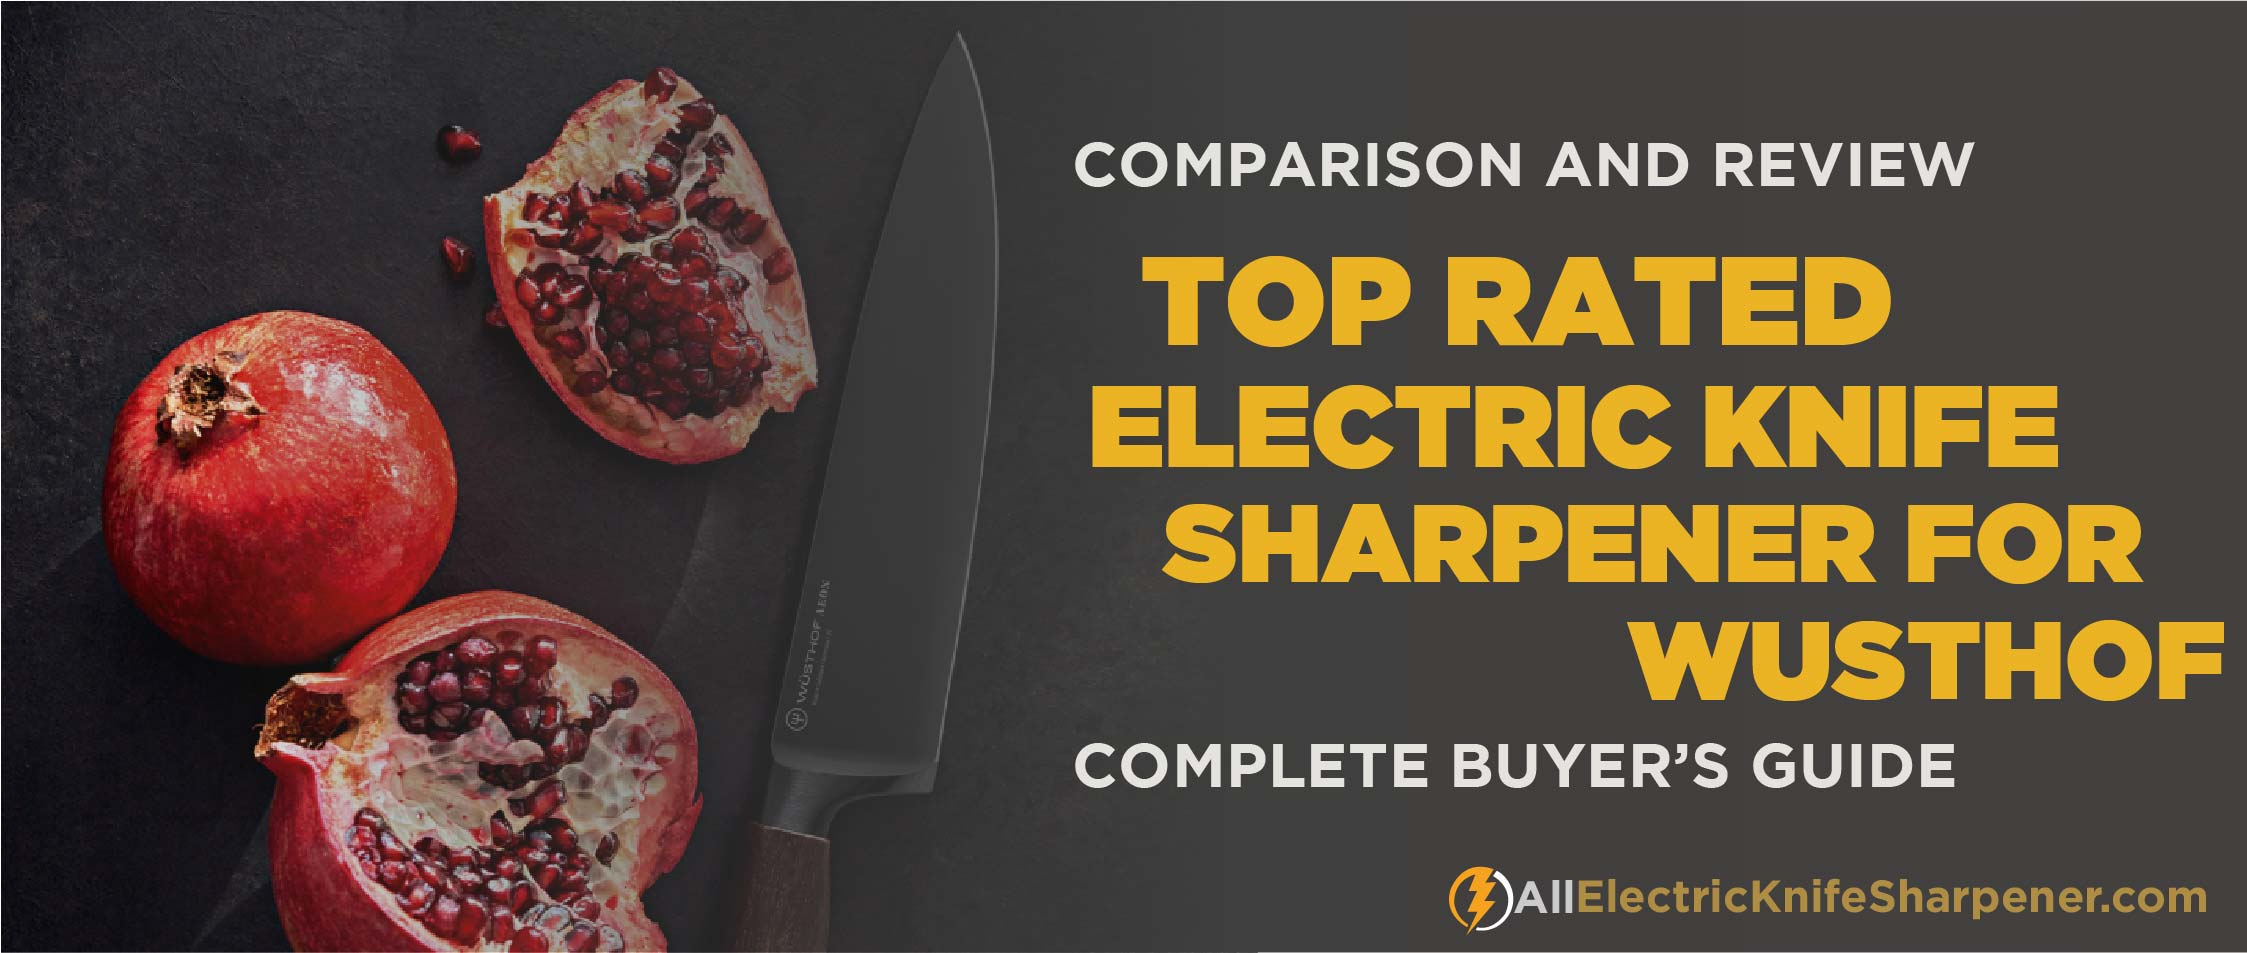 Best electric knife sharpener for wusthof